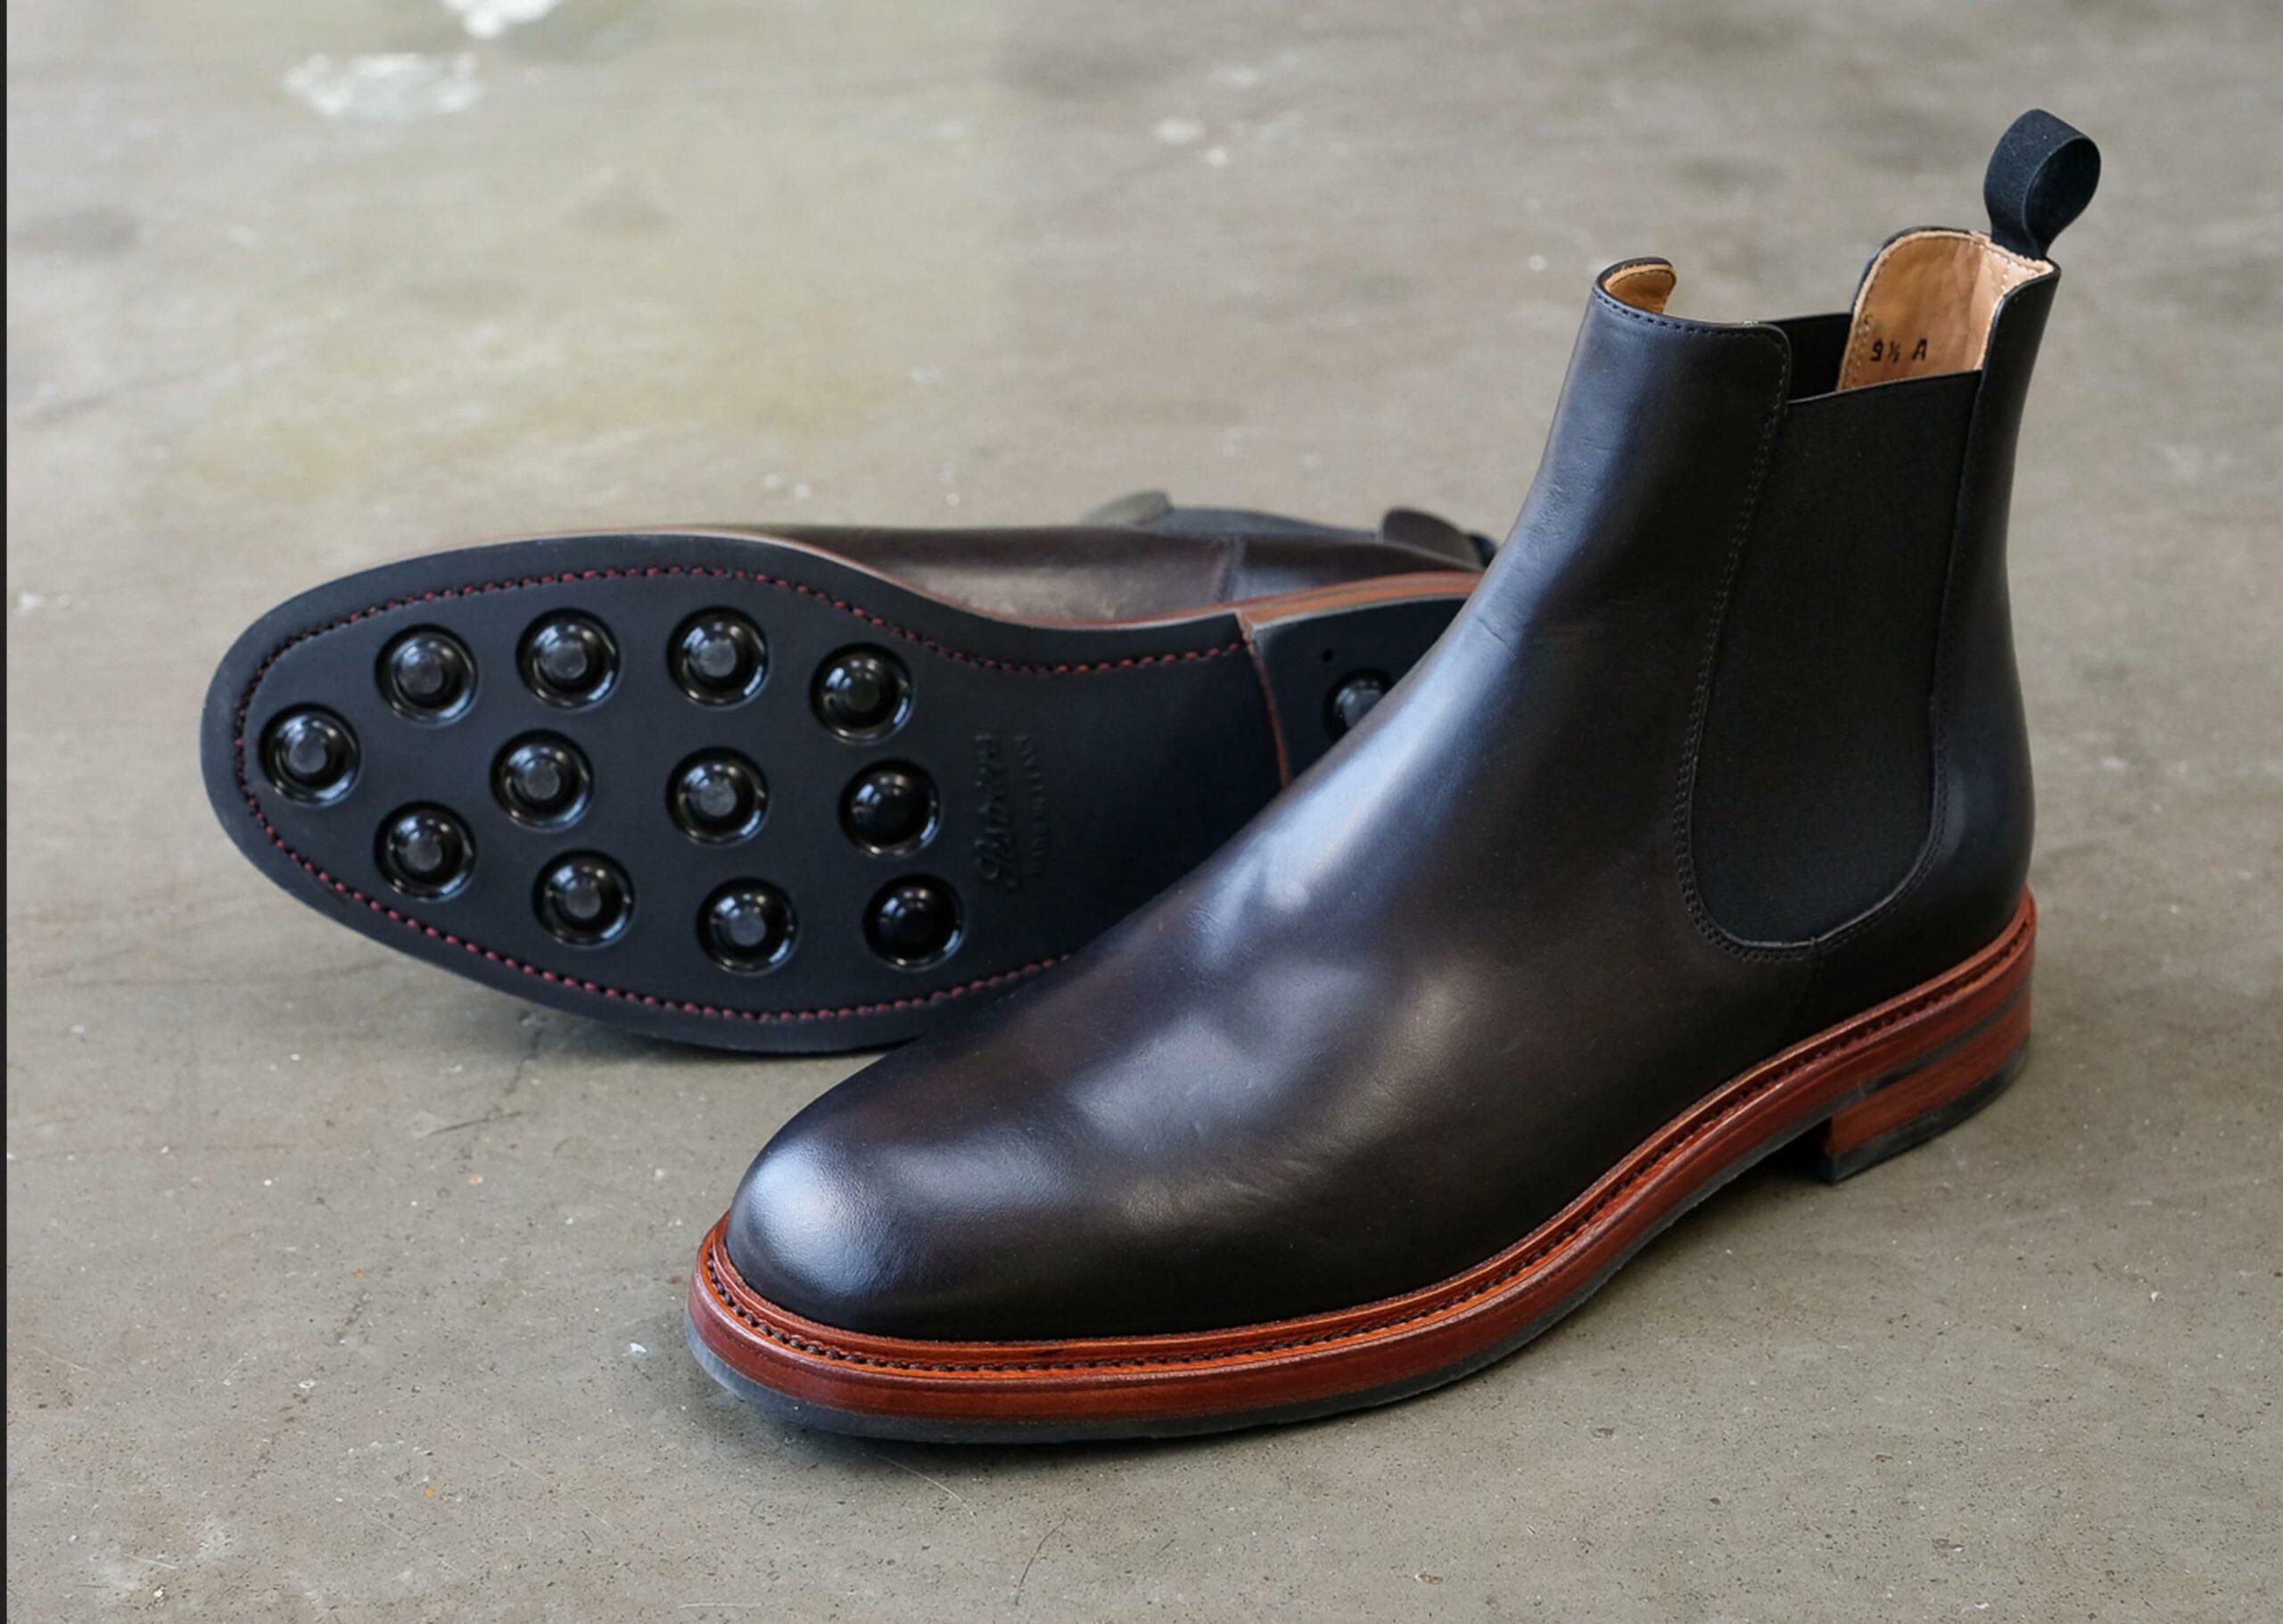 Rider Boot Co, une autre marque Américaine qui produit mal des chaussures chères. Ne vous laissez pas avoir par la storm wetl, elle est fausse. Il s'agit d'un montage Blake. (Source : Rider Boot Co)